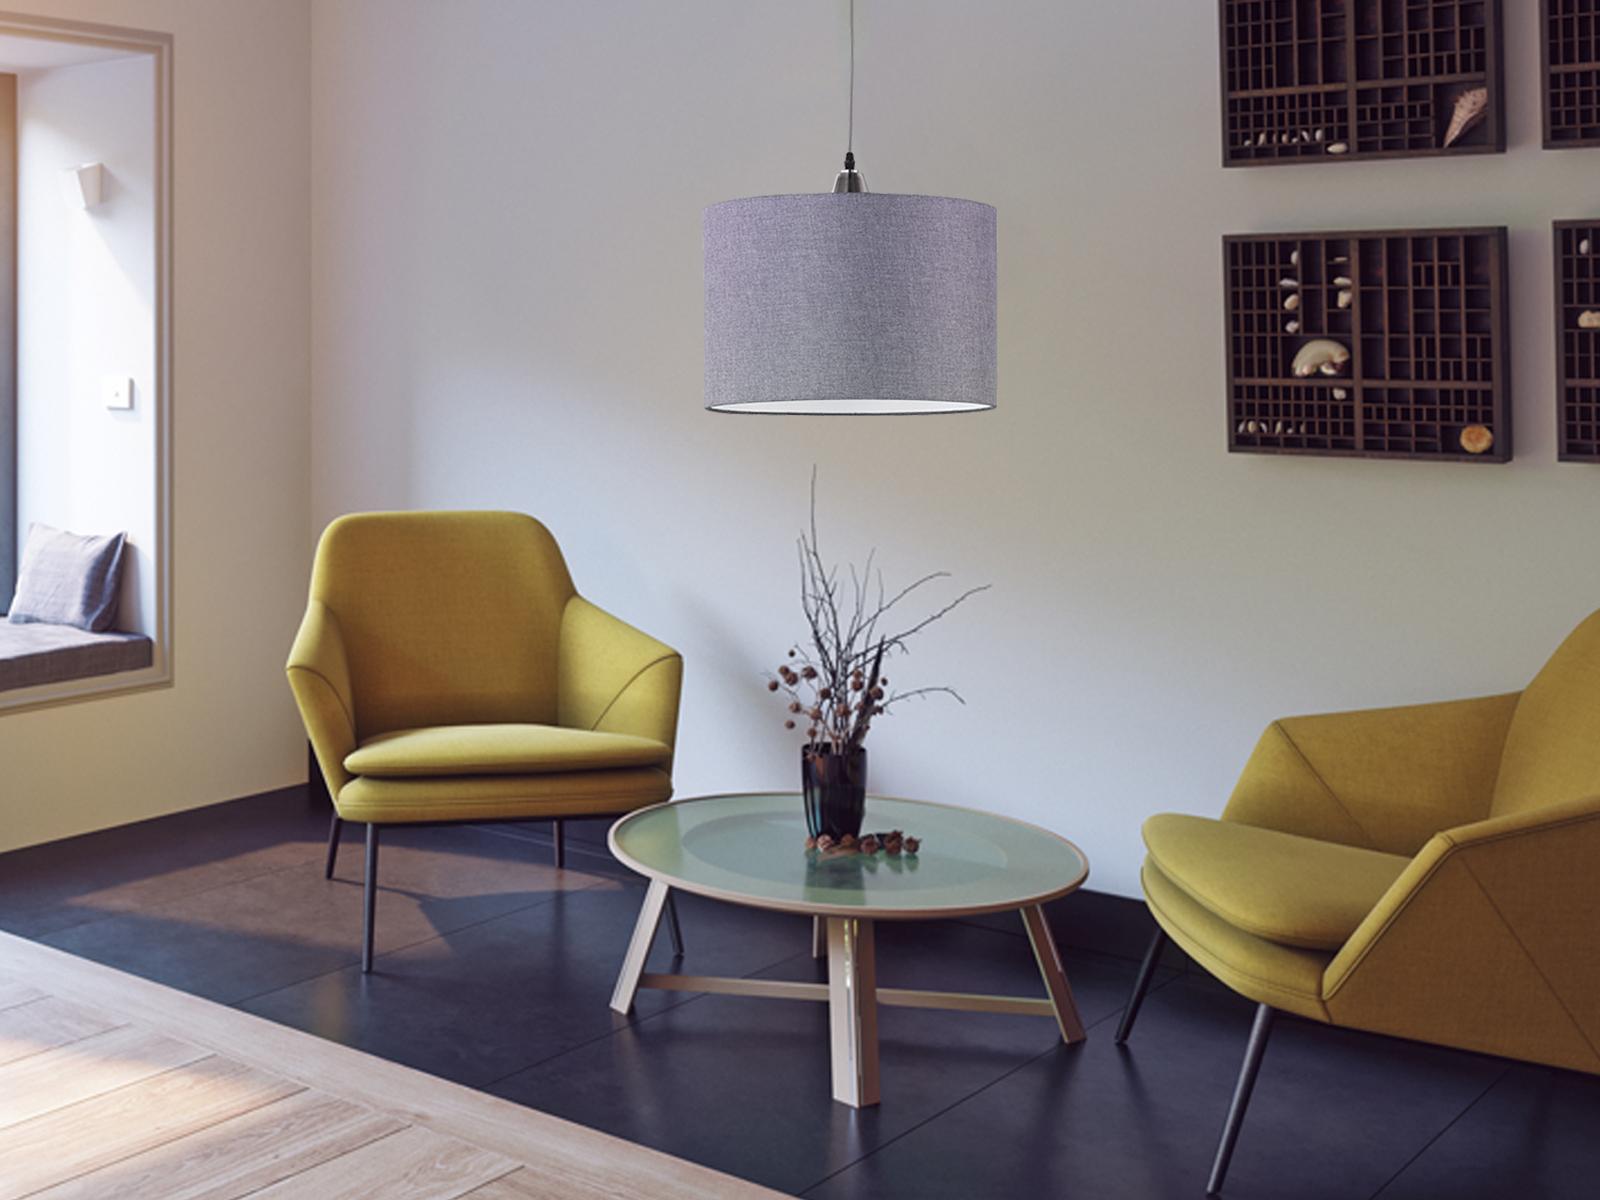 Großartig Hängelampe Küche Galerie Von Das Bild Wird Geladen Trio-haengeleuchte--grau-lampenschirm-stoff-40cm-lampe-